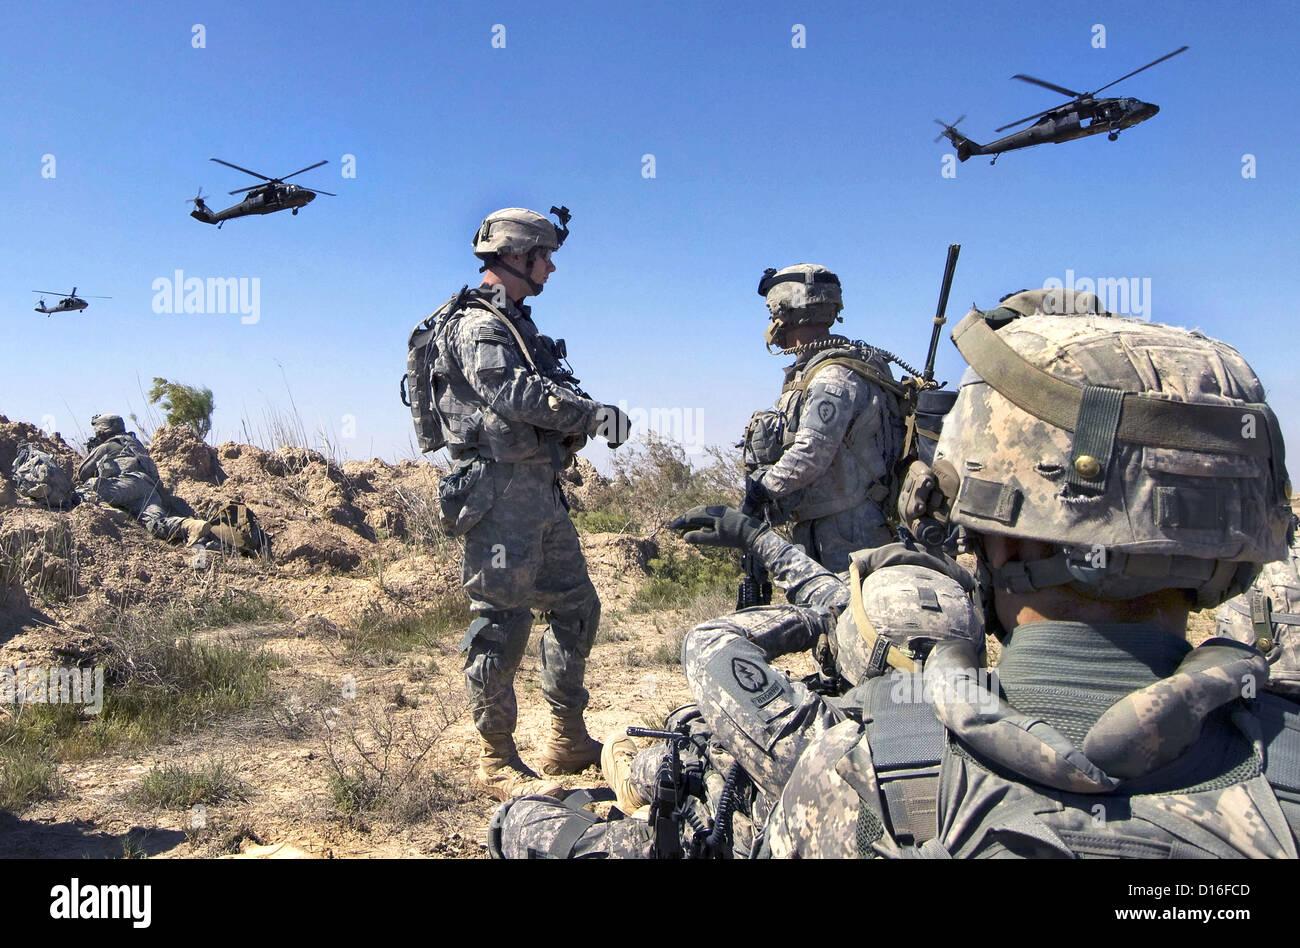 US-Soldaten warten von Helikoptern 22. März 2009 südlich von Balad Ruz, Irak abgeholt werden. Stockfoto